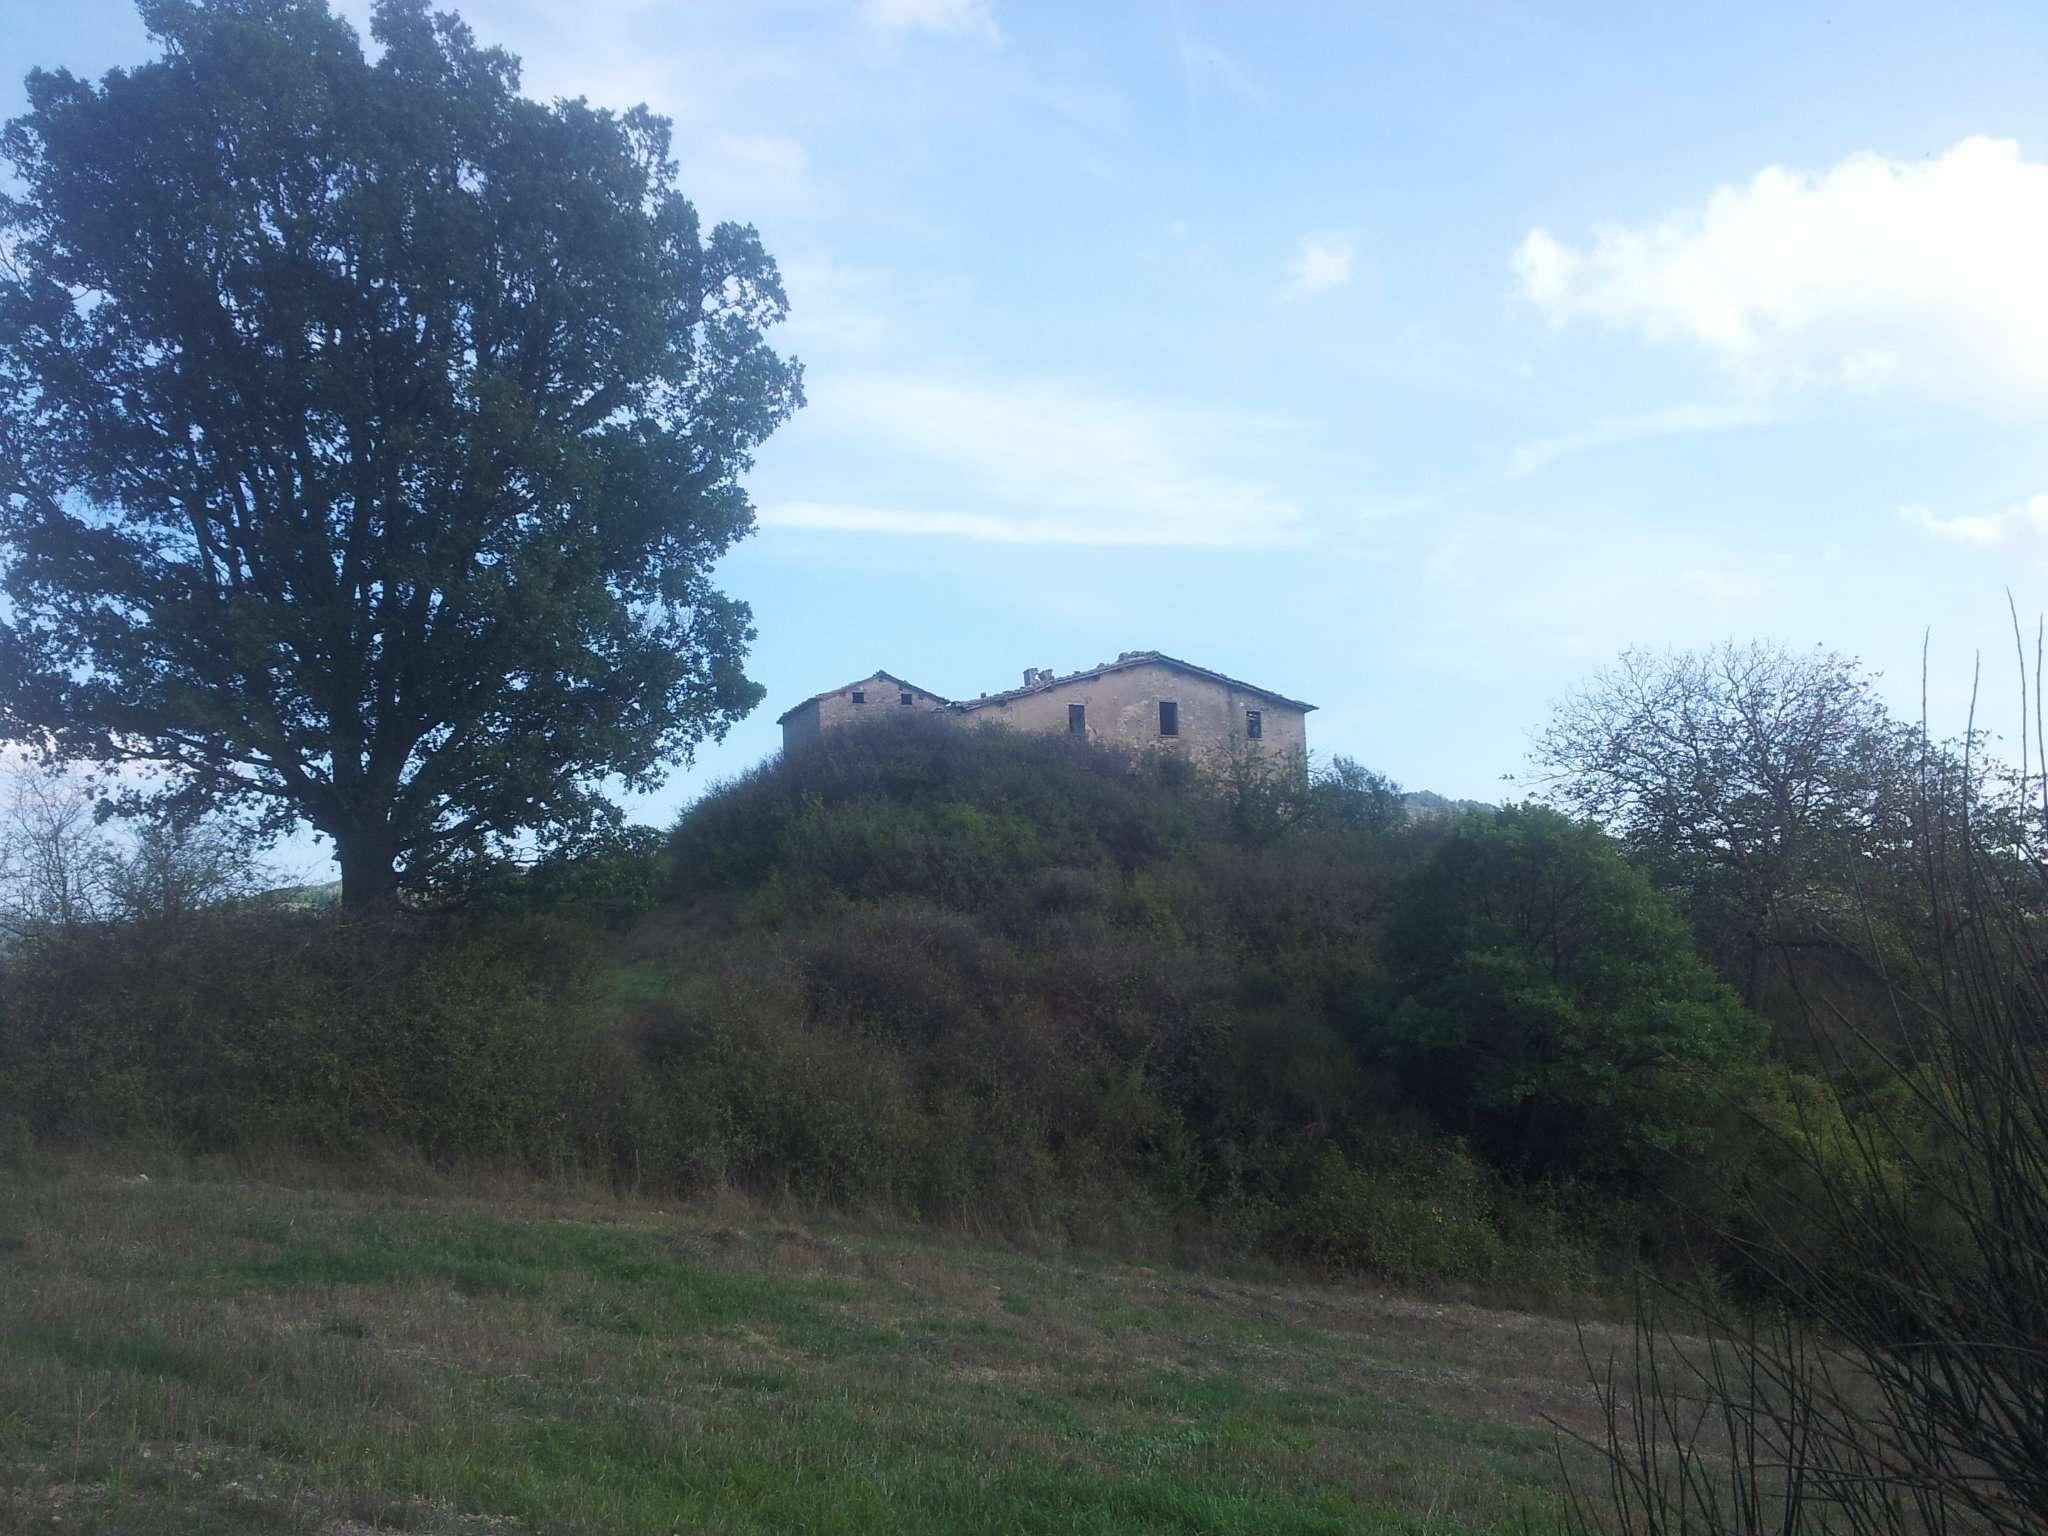 Rustico / Casale in vendita a Gubbio, 20 locali, Trattative riservate | CambioCasa.it